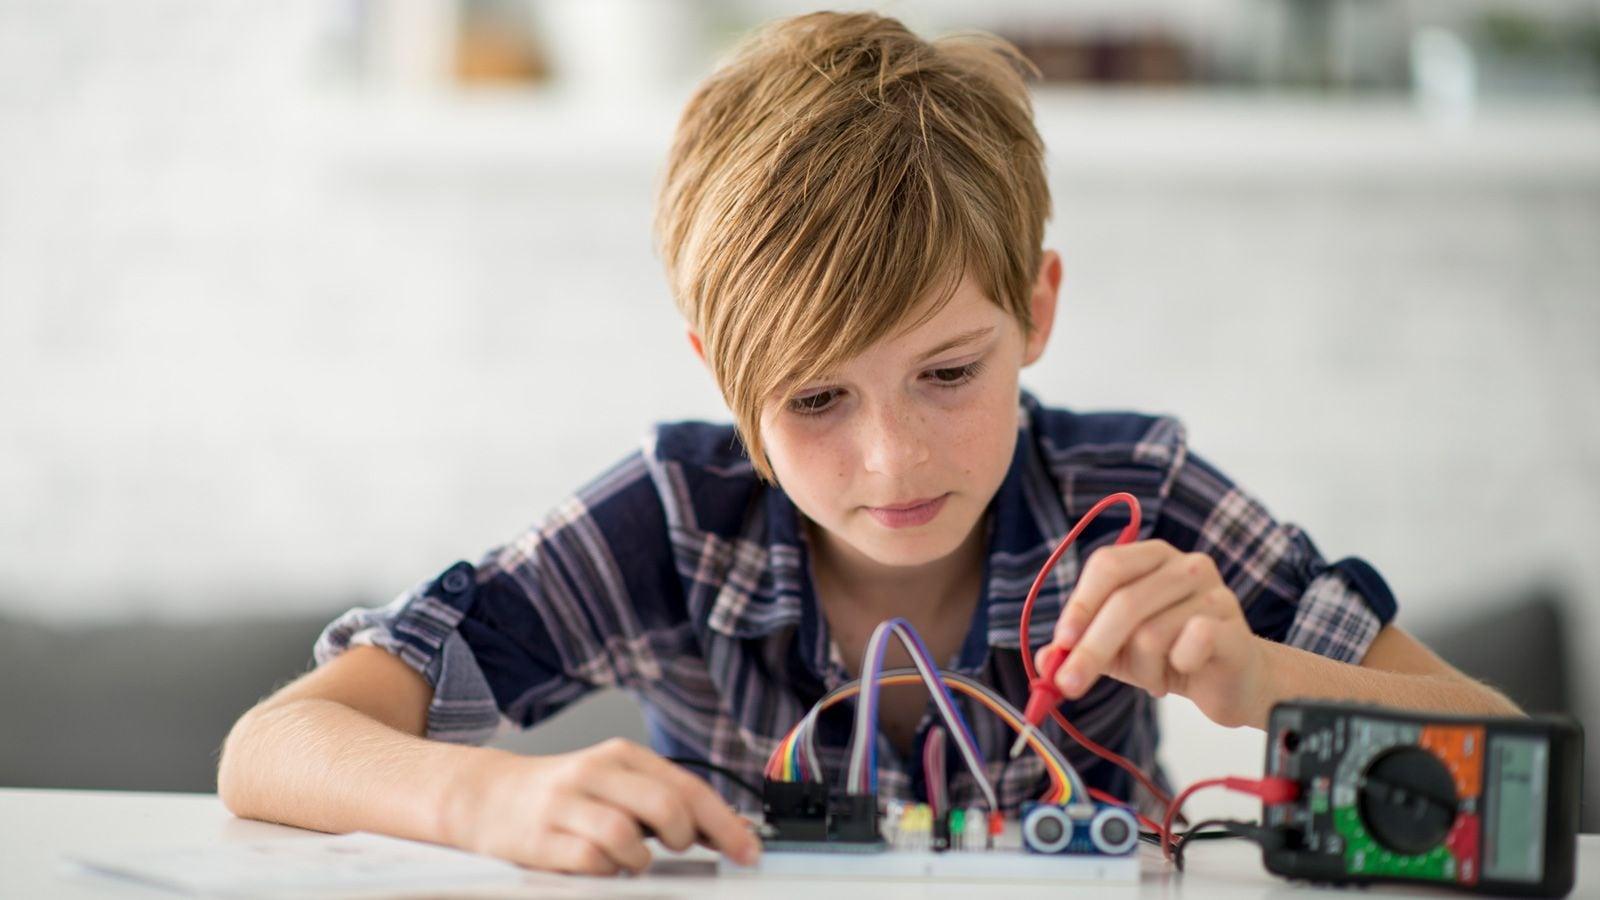 核融合炉を14歳で作った天才の親がしたこと | 今週のHONZ